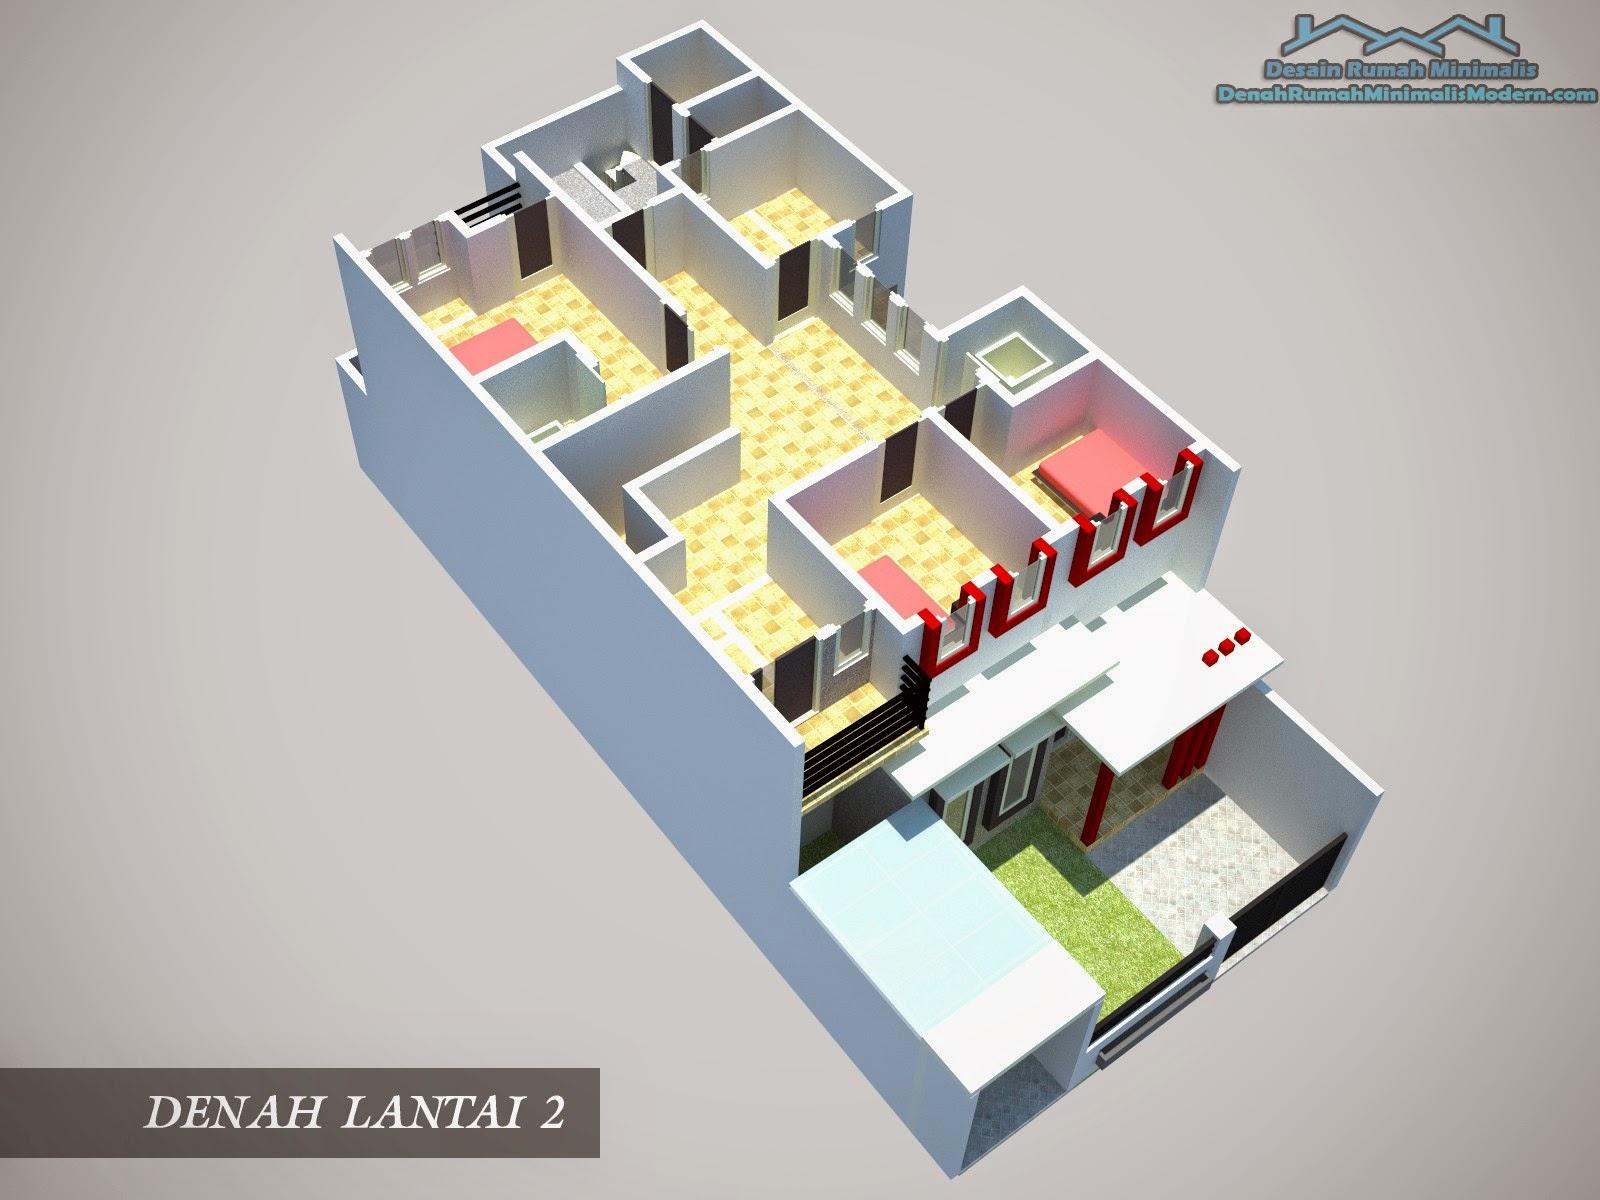 Desain Rumah Minimalis 1 Lantai 2 Kamar Tidur Gambar Foto Desain